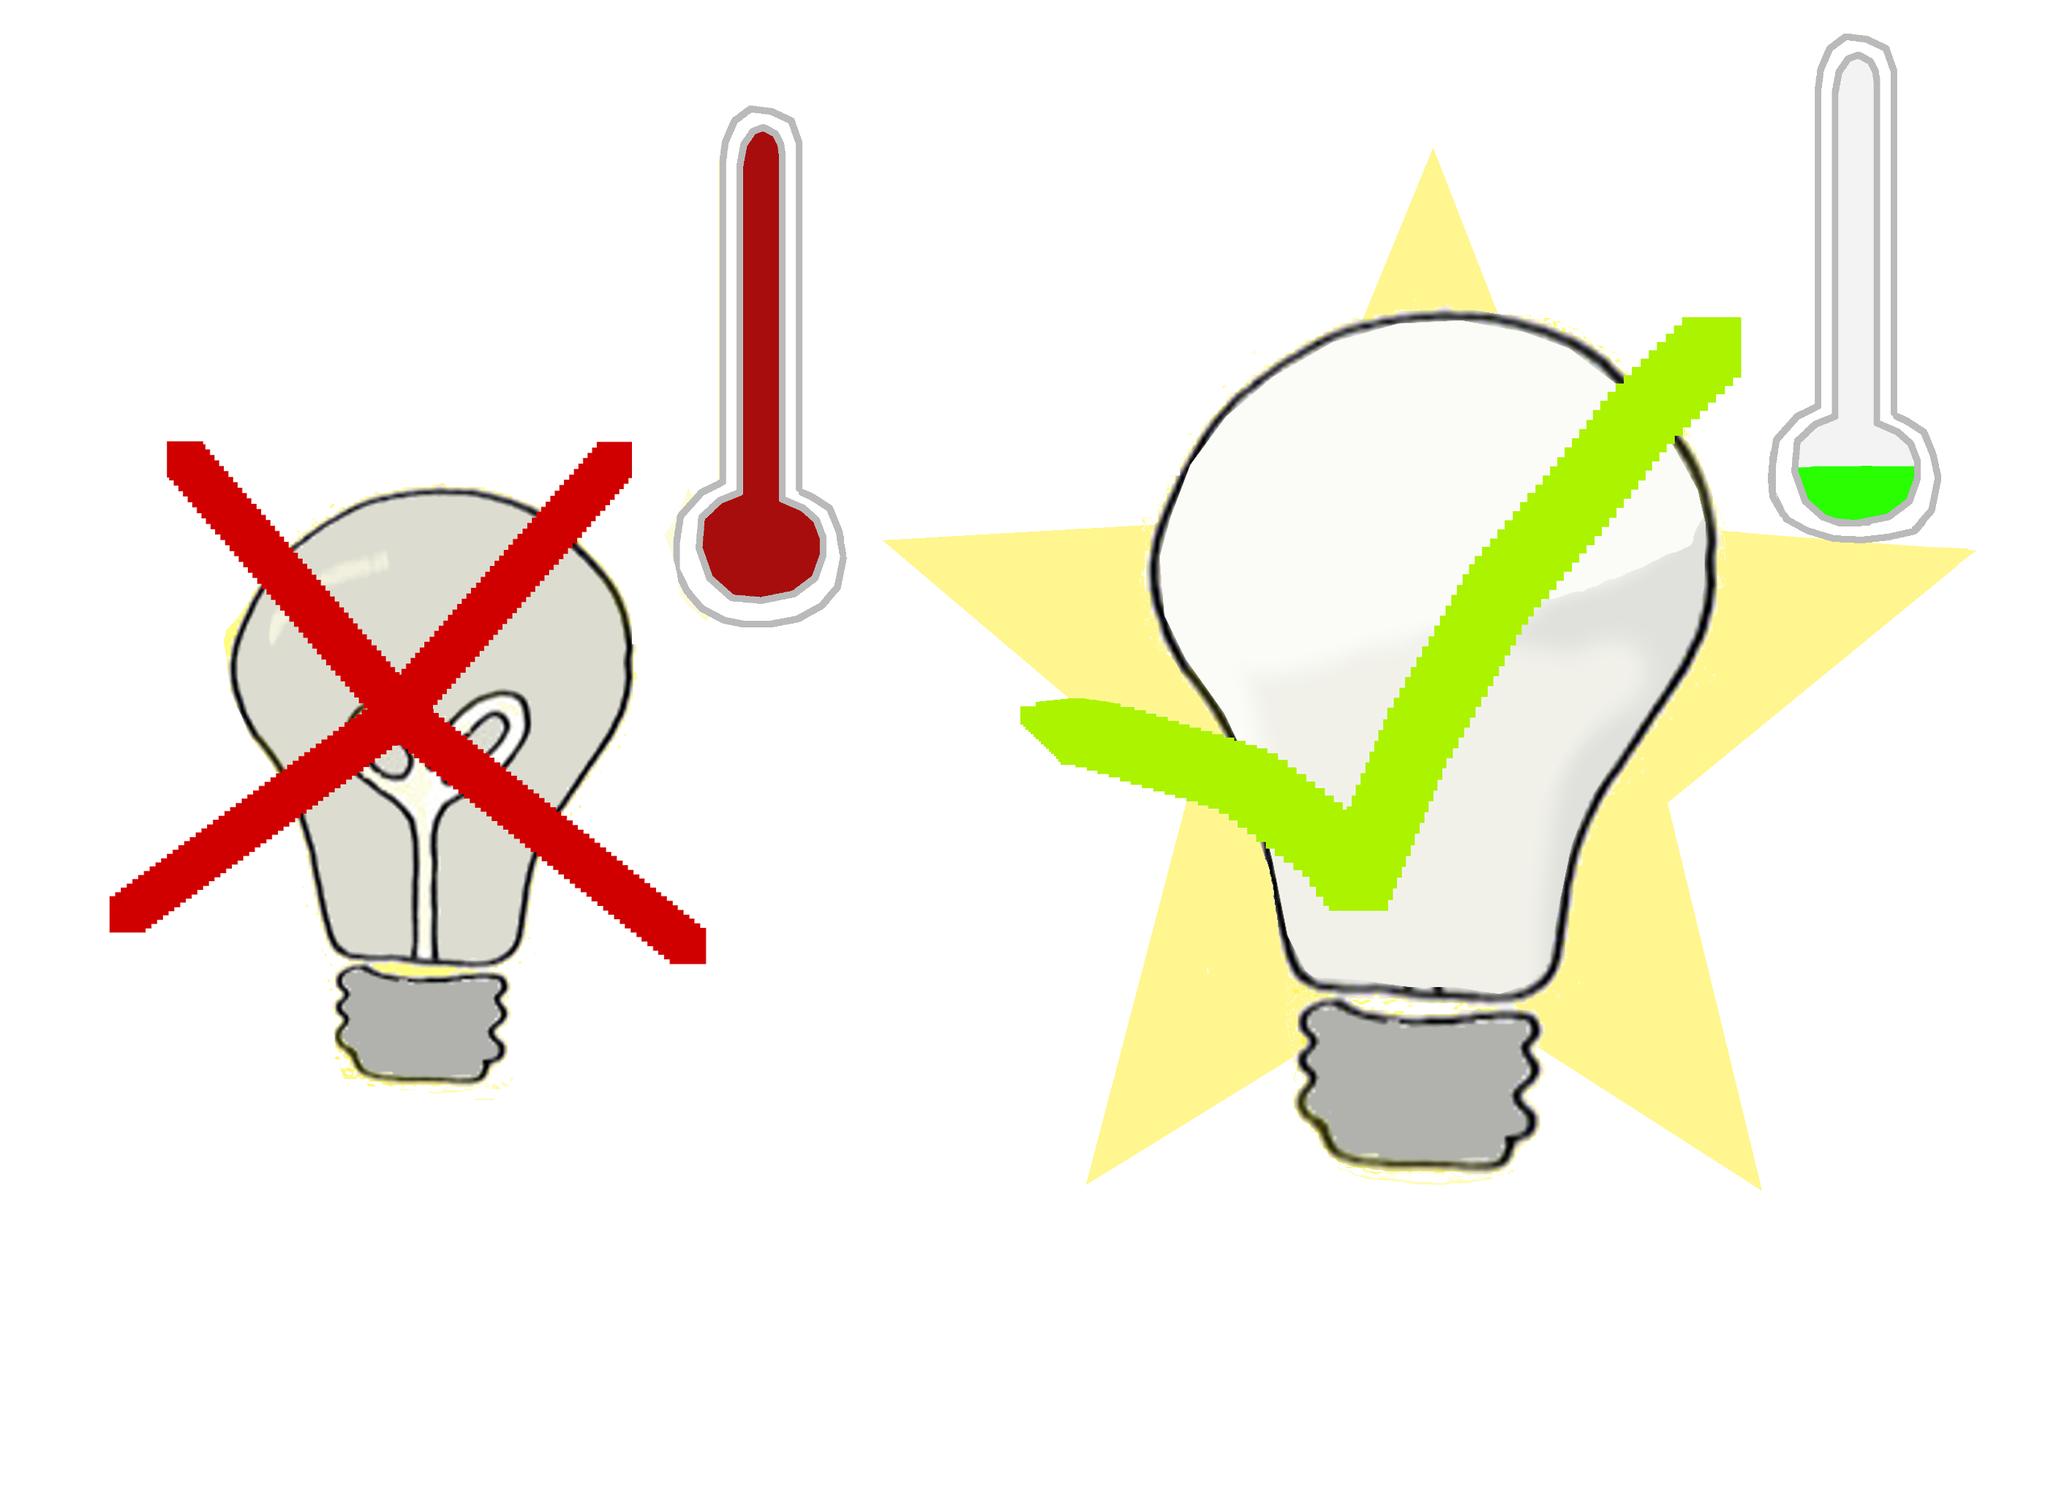 2. LED-Lampen verbrauchen bis zu 90% weniger Strom als herkömmliche Glühbirnen und toppen auch Energiesparlampen. Lichtschalter können kindgerecht mit Punkten oder passenden Bildern beschriftet werden, um unnötigem Herumschalten vorzubeugen.